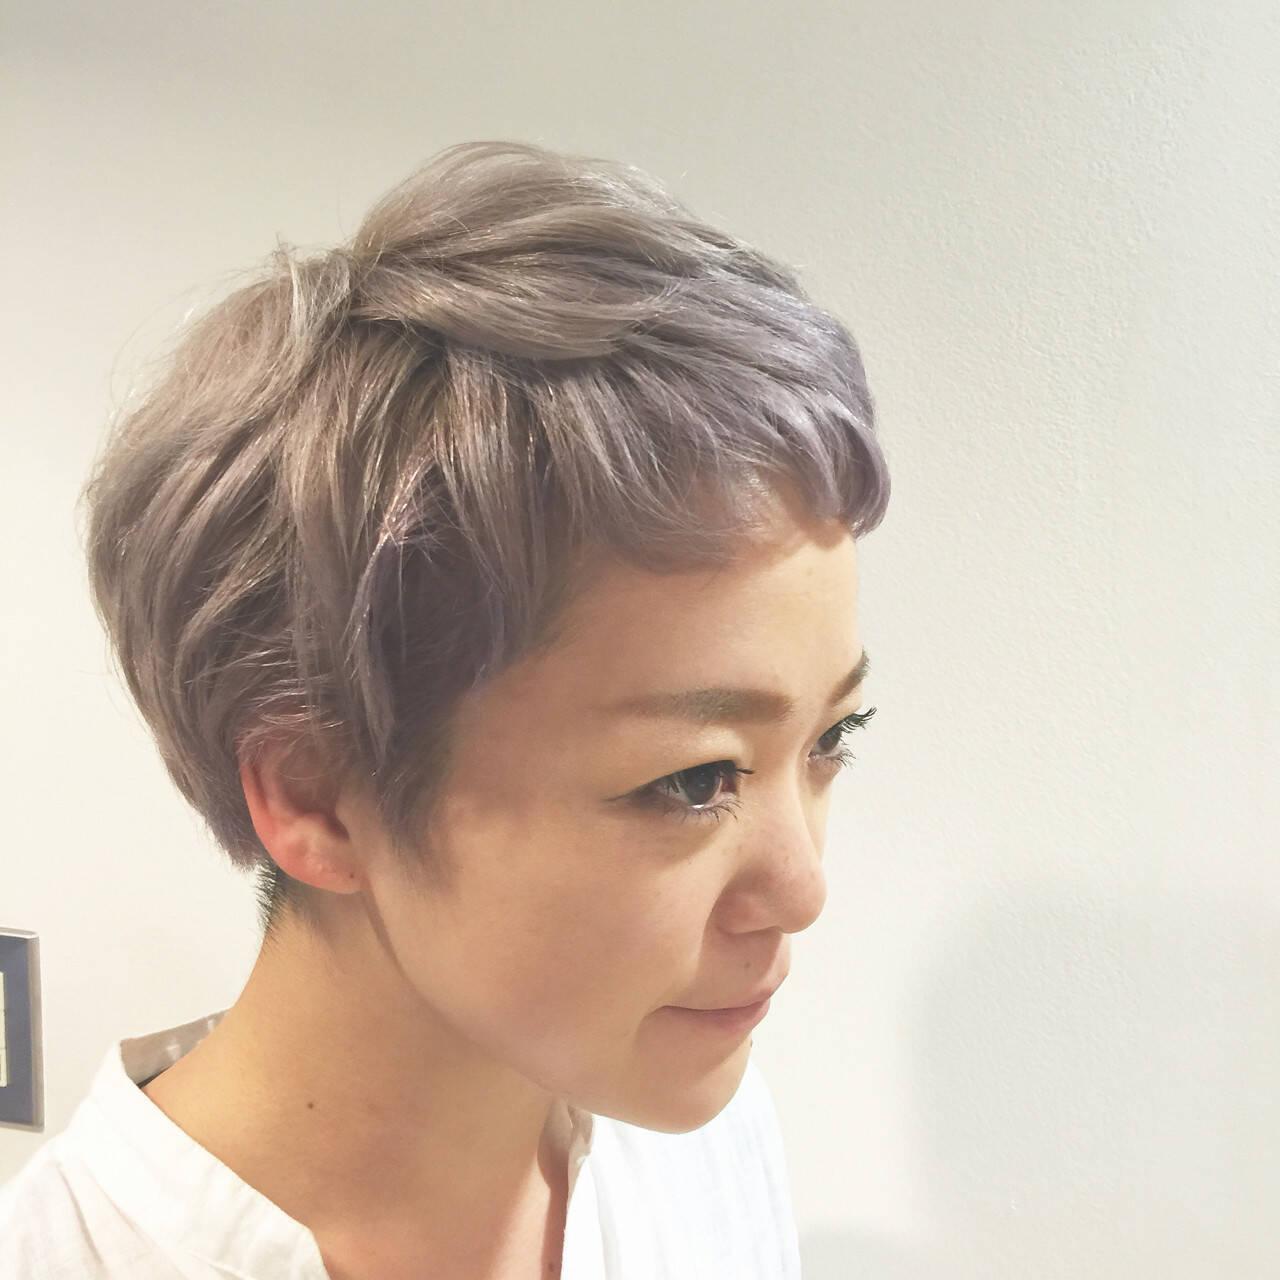 グレー ハイトーン パープル ダブルカラーヘアスタイルや髪型の写真・画像